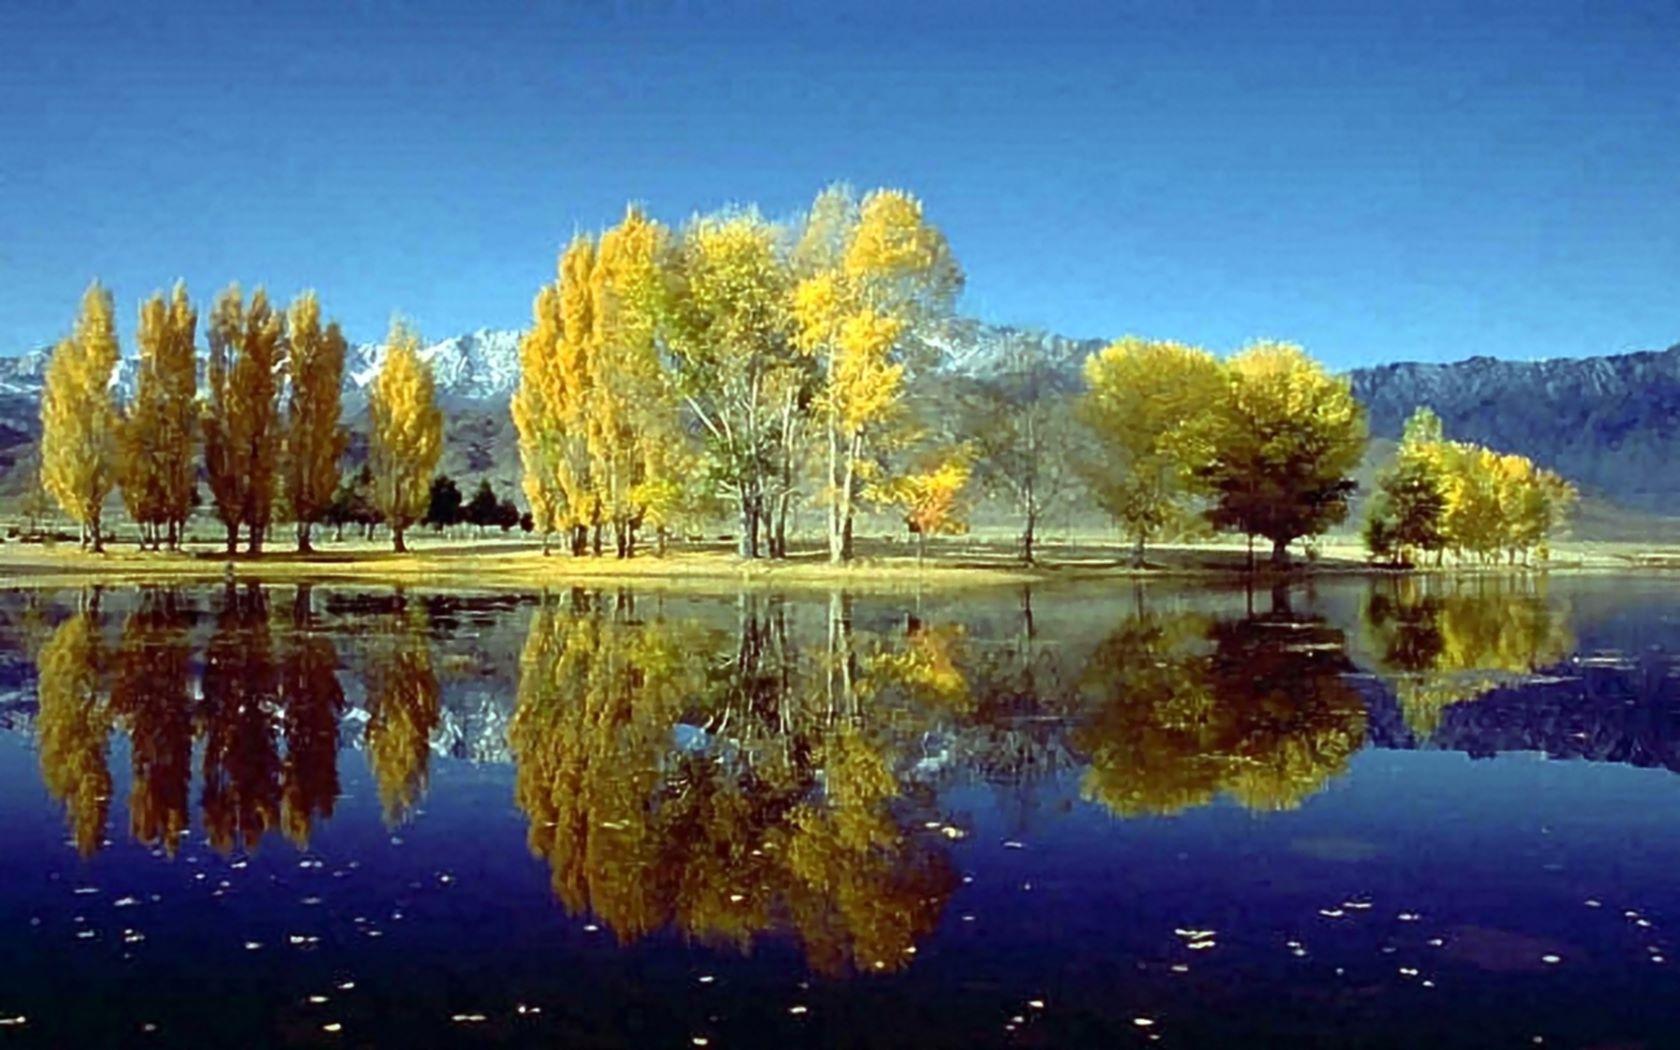 Landschaftsbilder kostenlos